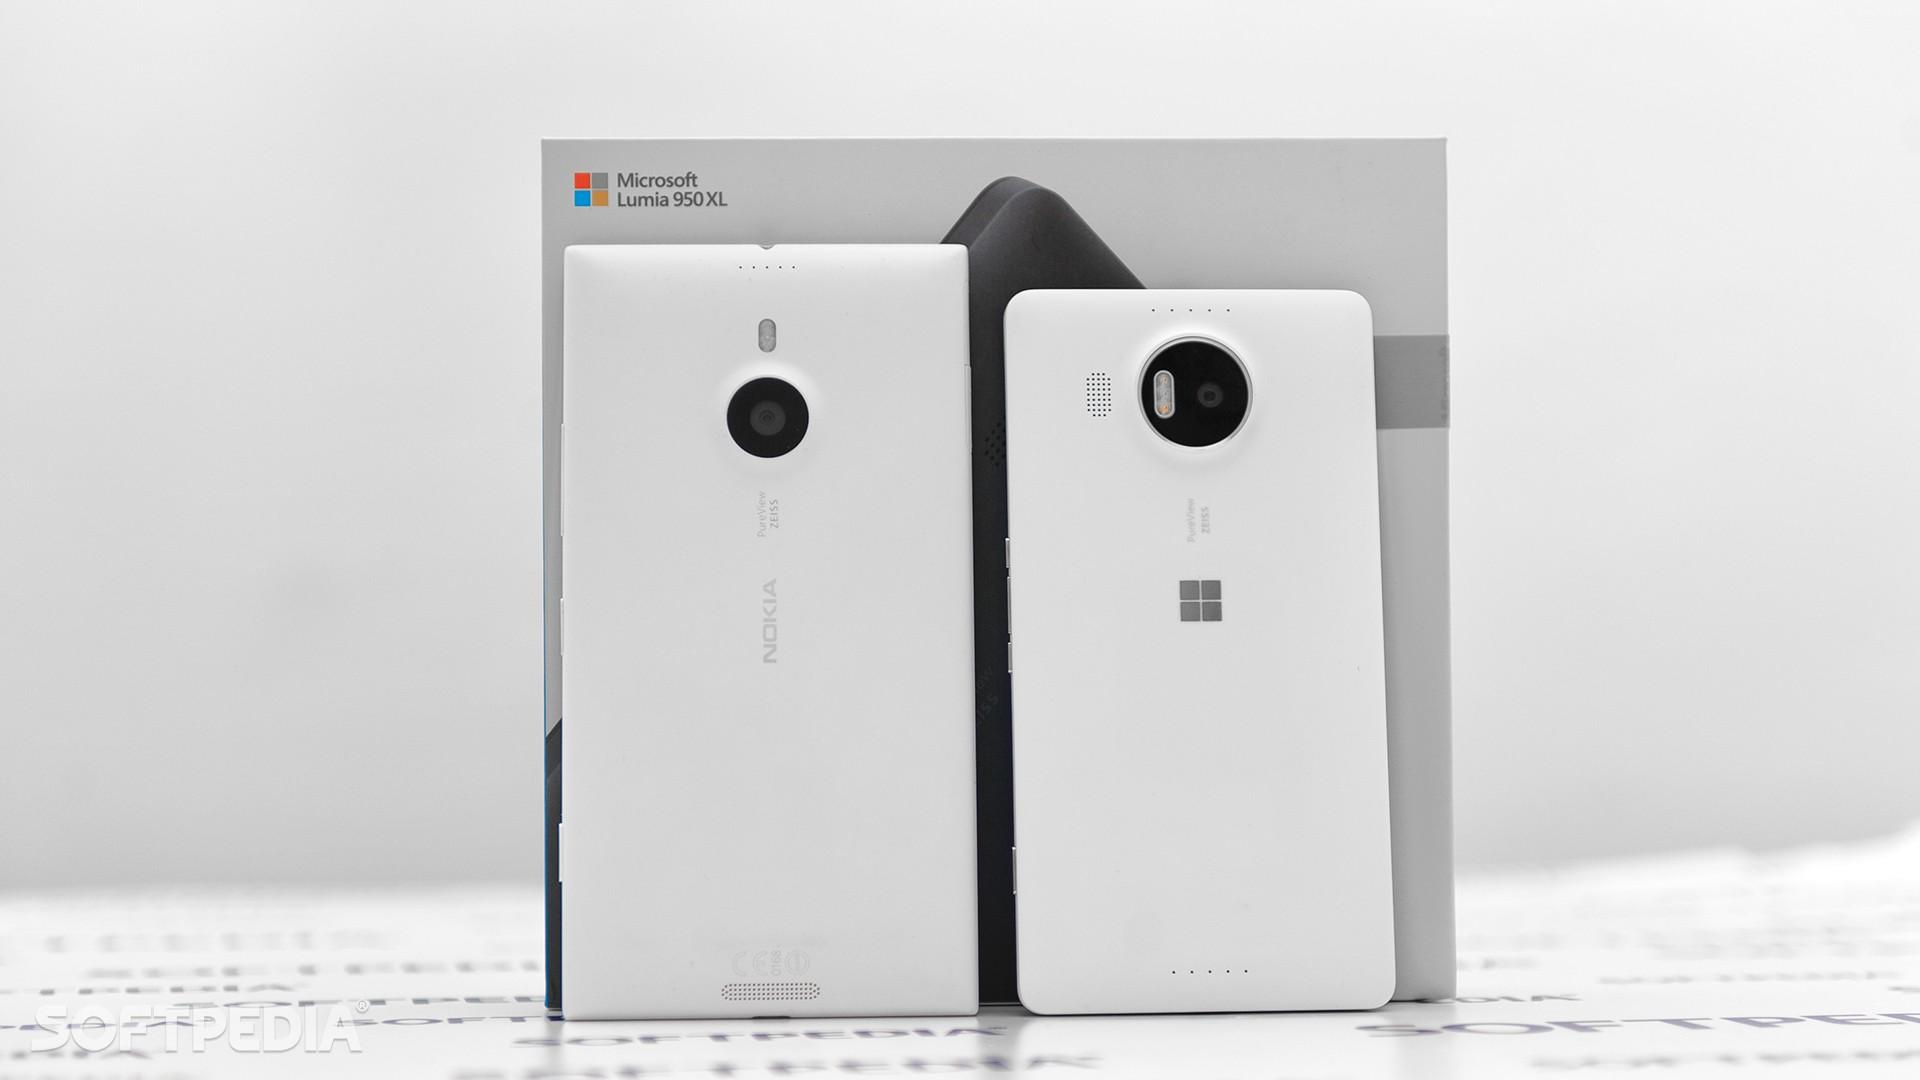 metatrader 4 для lumia 950 xl